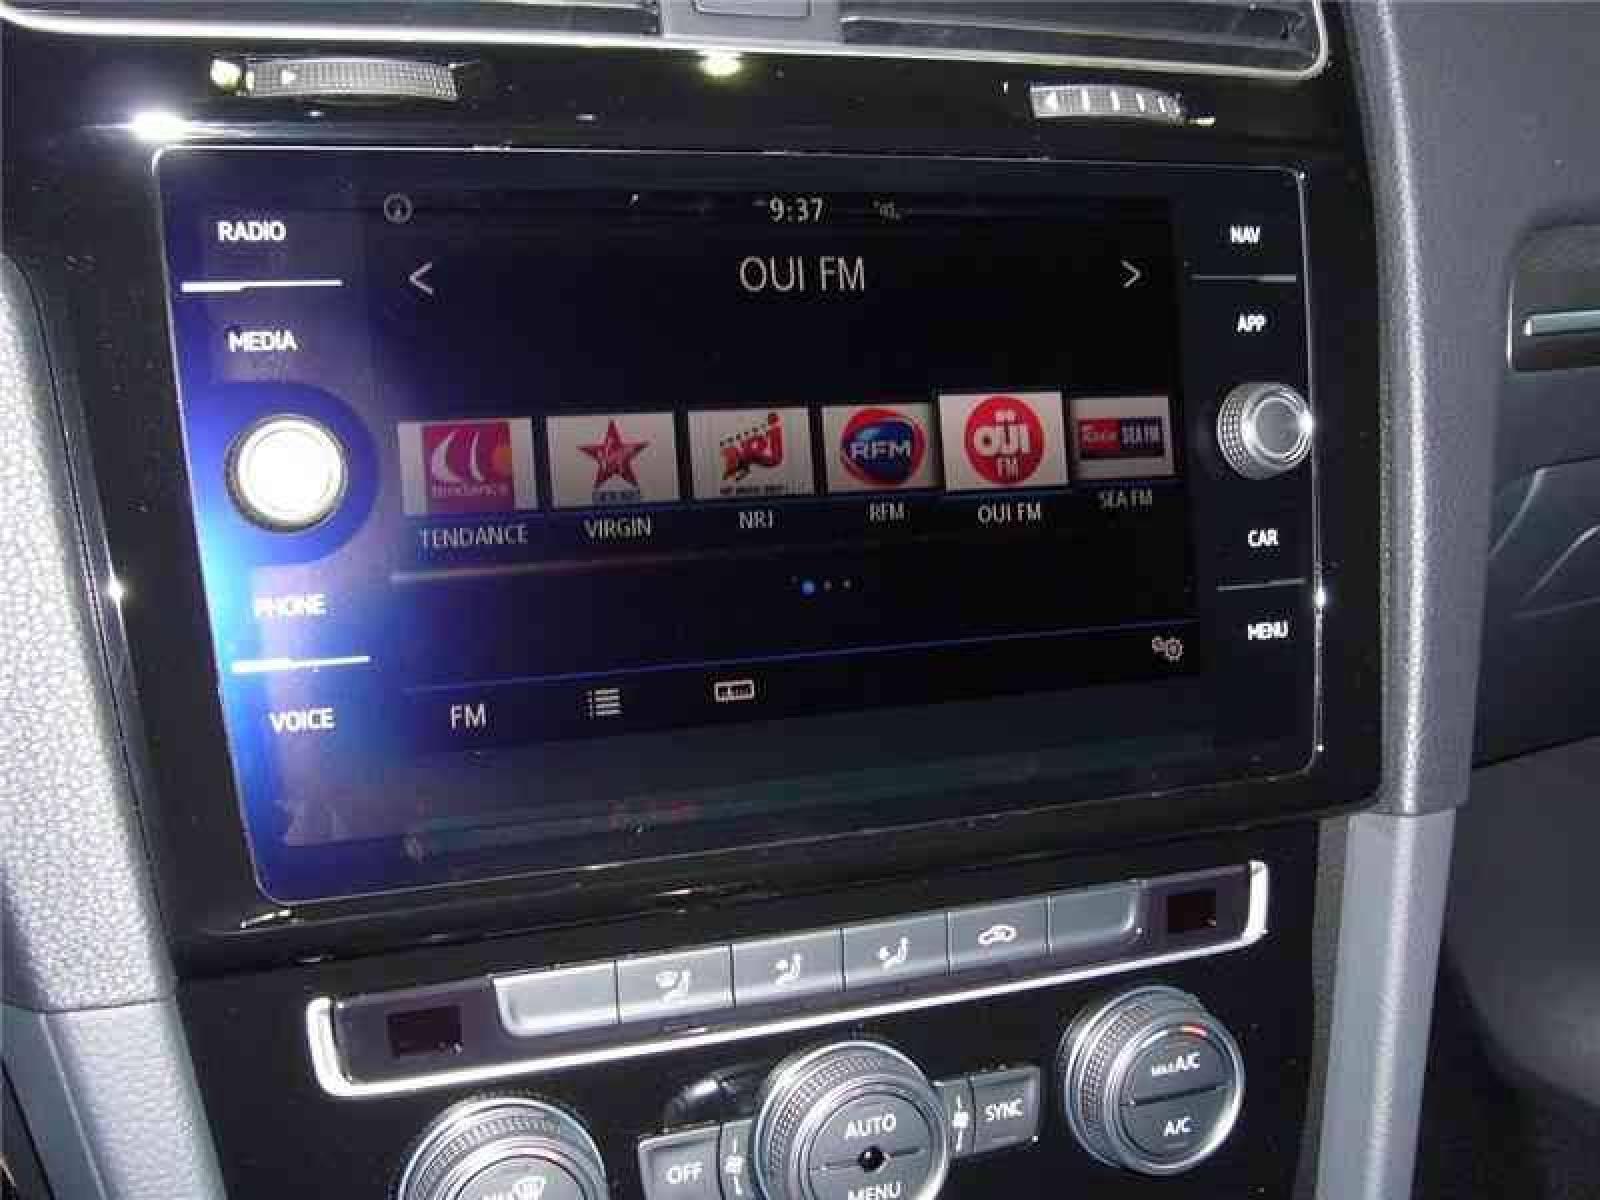 VOLKSWAGEN GOLF GTE HYBRIDE RECHARGEABLE 204 CH DSG6 - véhicule neuf - LEMAUVIEL AUTOMOBILES - Présentation site web V2 - Lemauviel automobiles - AVRANCHES - 50300 - LE VAL-SAINT-PÈRE - 8